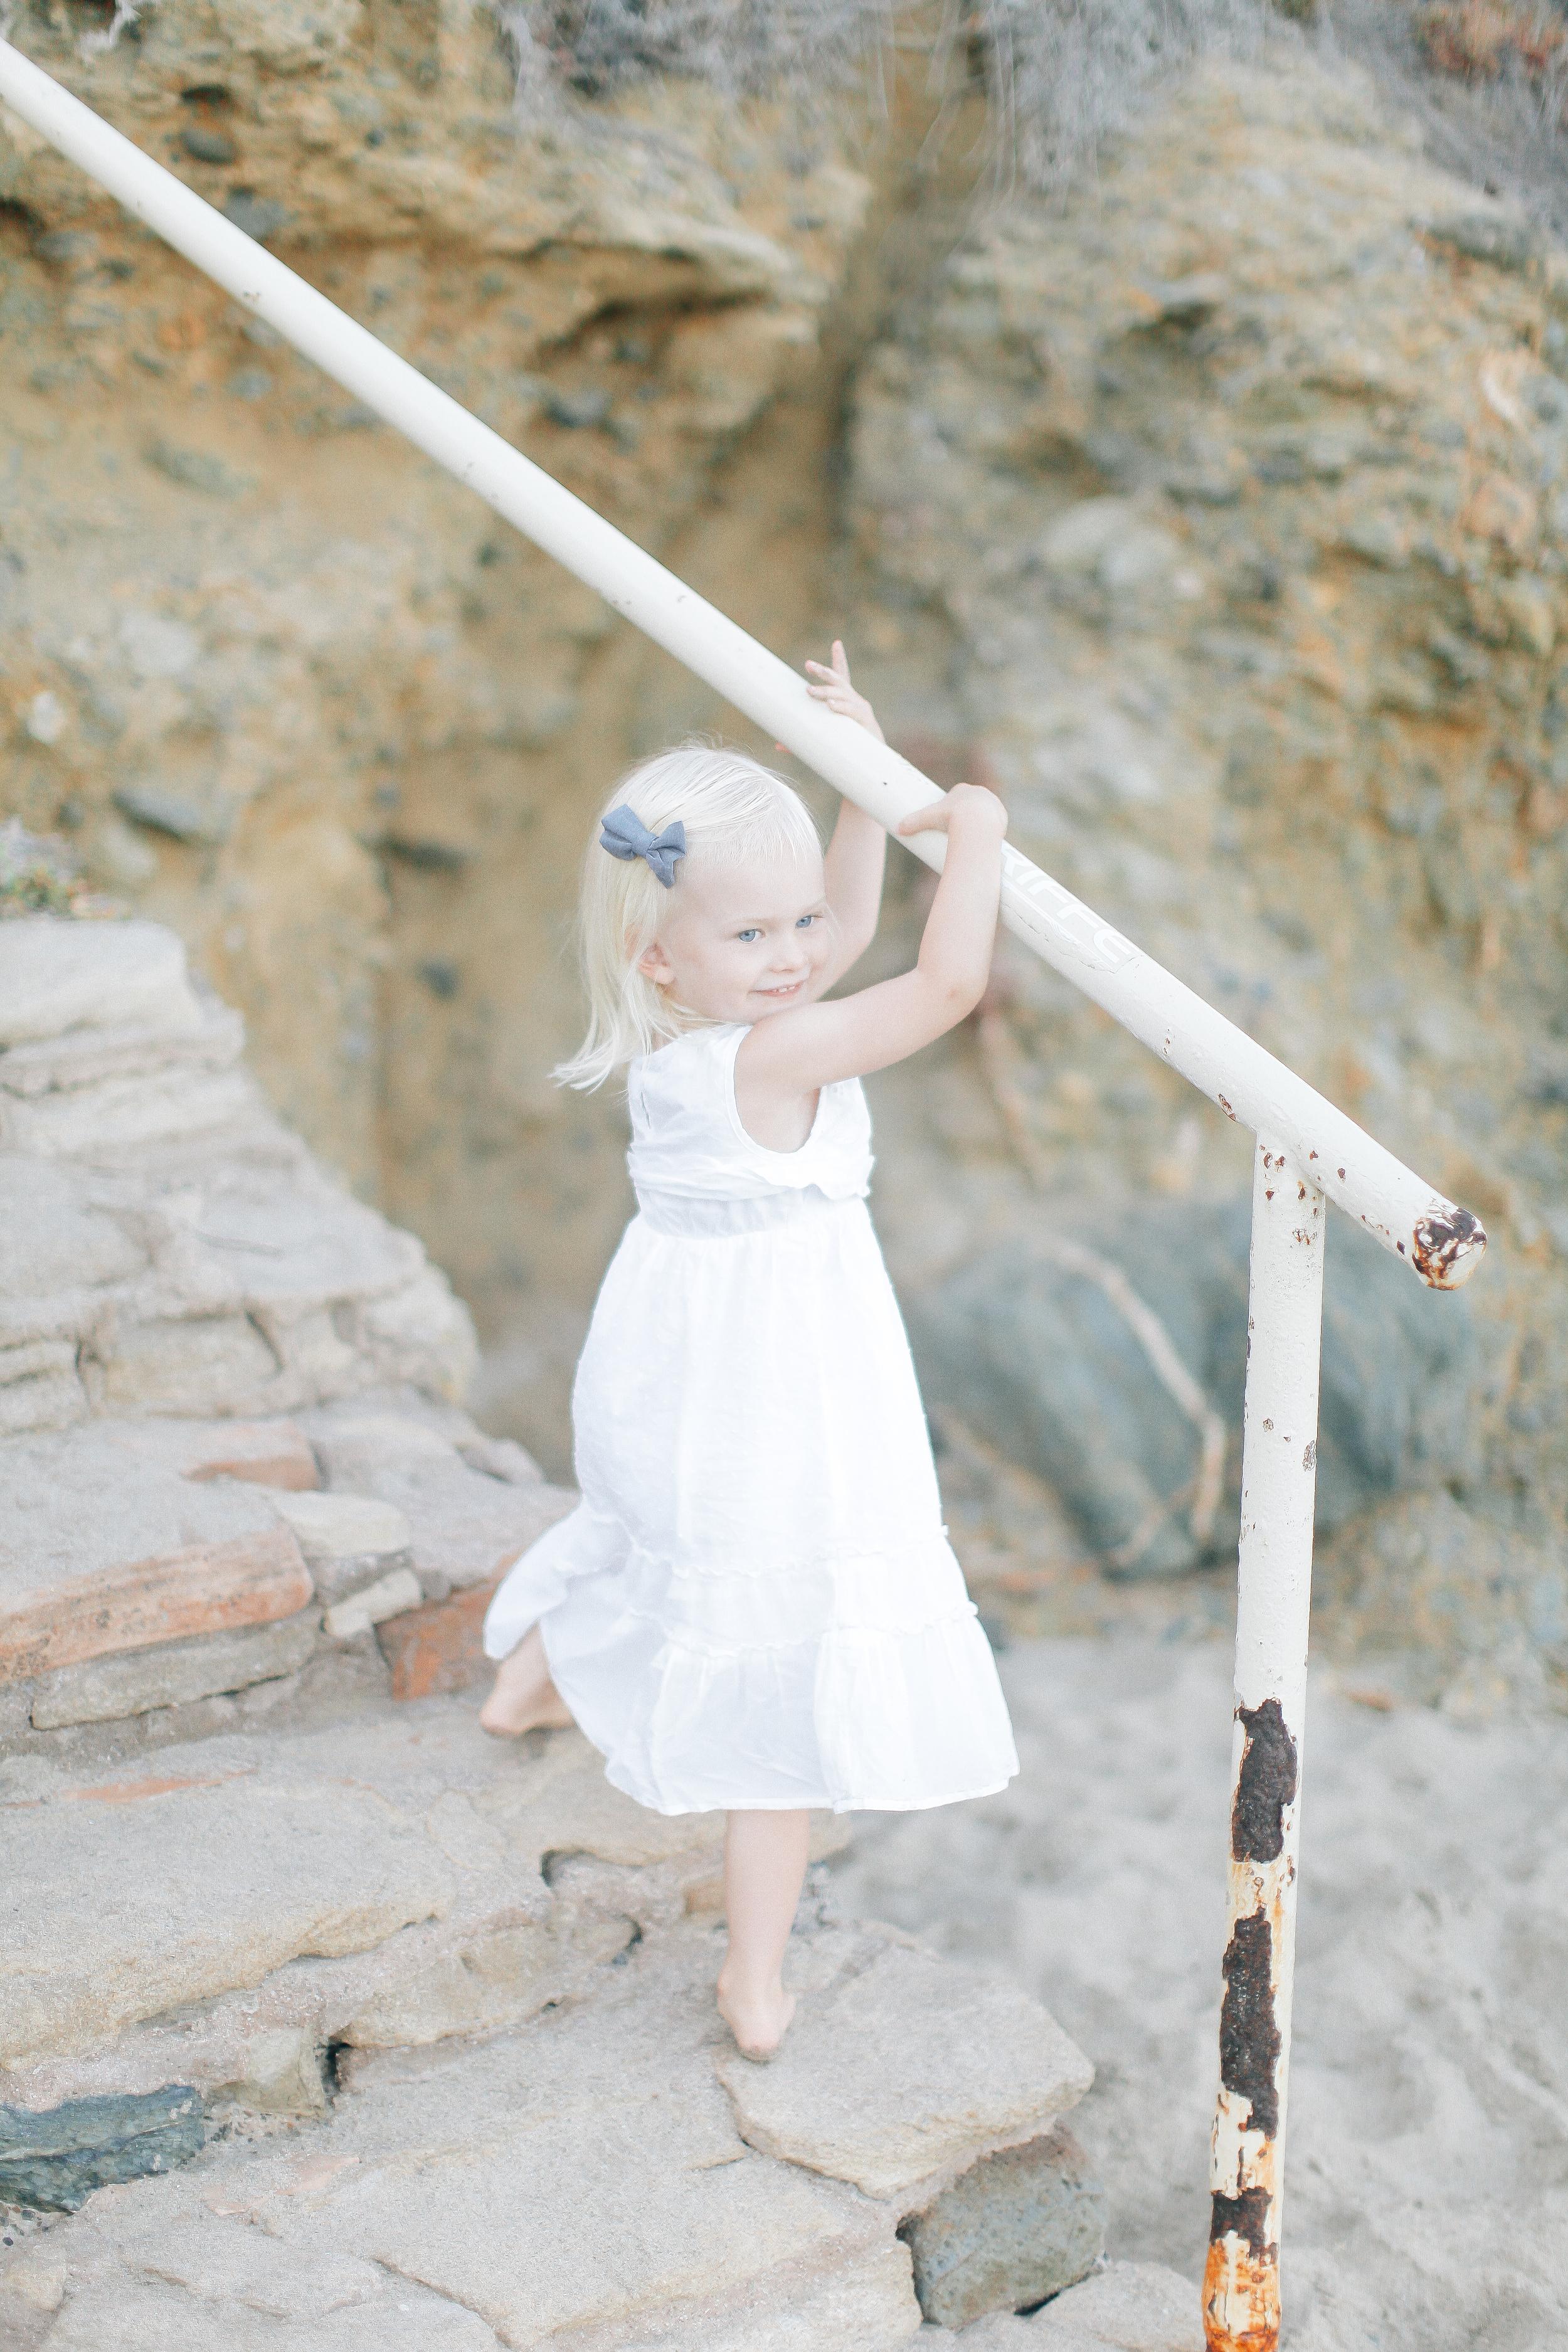 Cori Kleckner Photography-Meister Family Session1-232.JPG